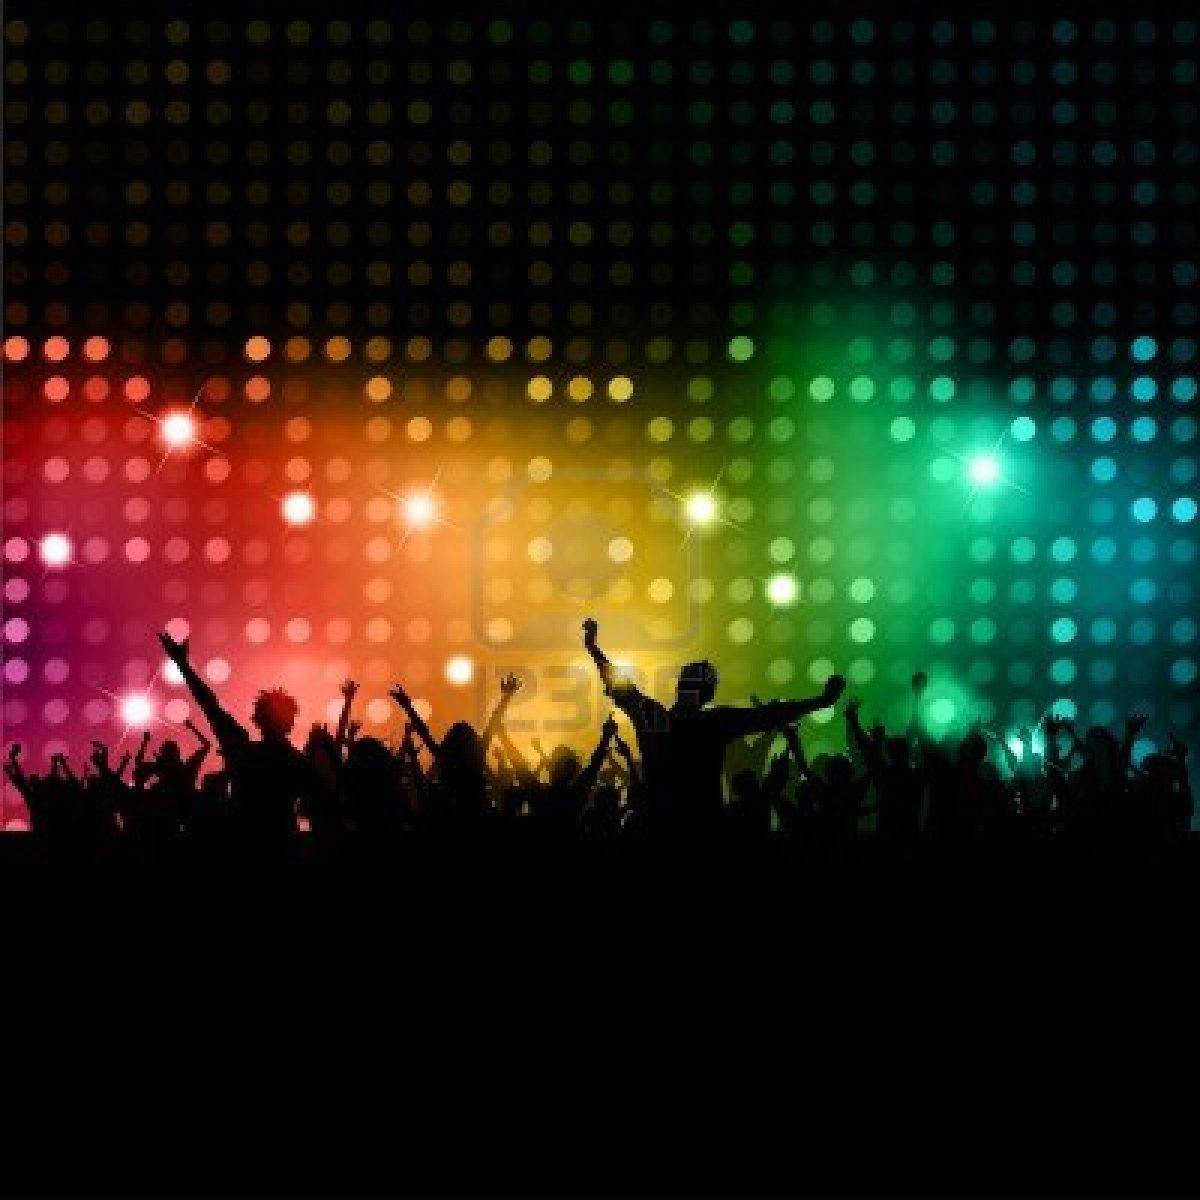 9387327-silueta-de-una-multitud-de-parte-de-luces-discoteca.jpg